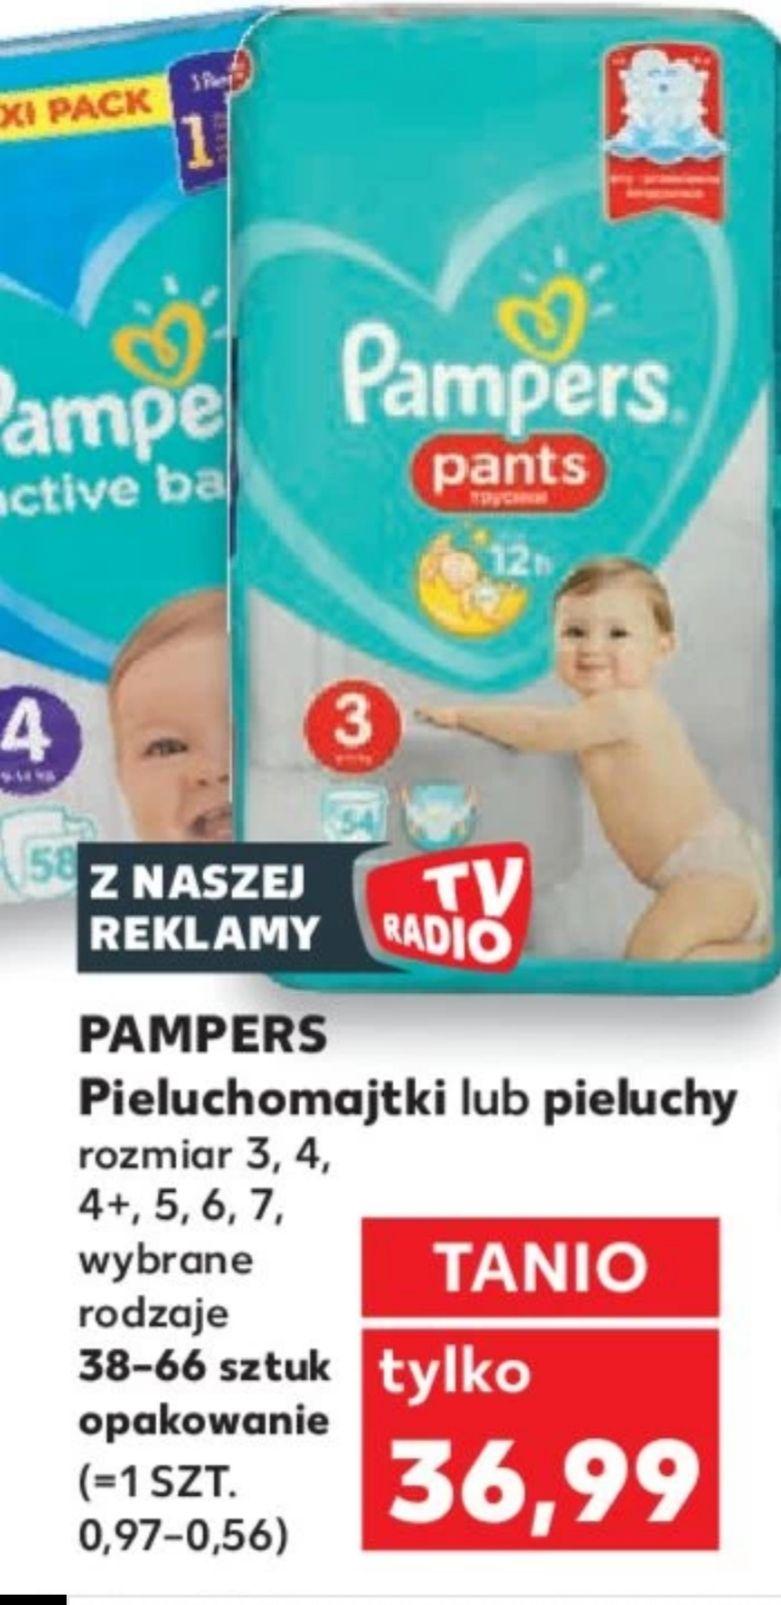 Pampers pieluchomajtki lub pieluchy 36.99 Kaufland oferta od 5.09 do 11.09